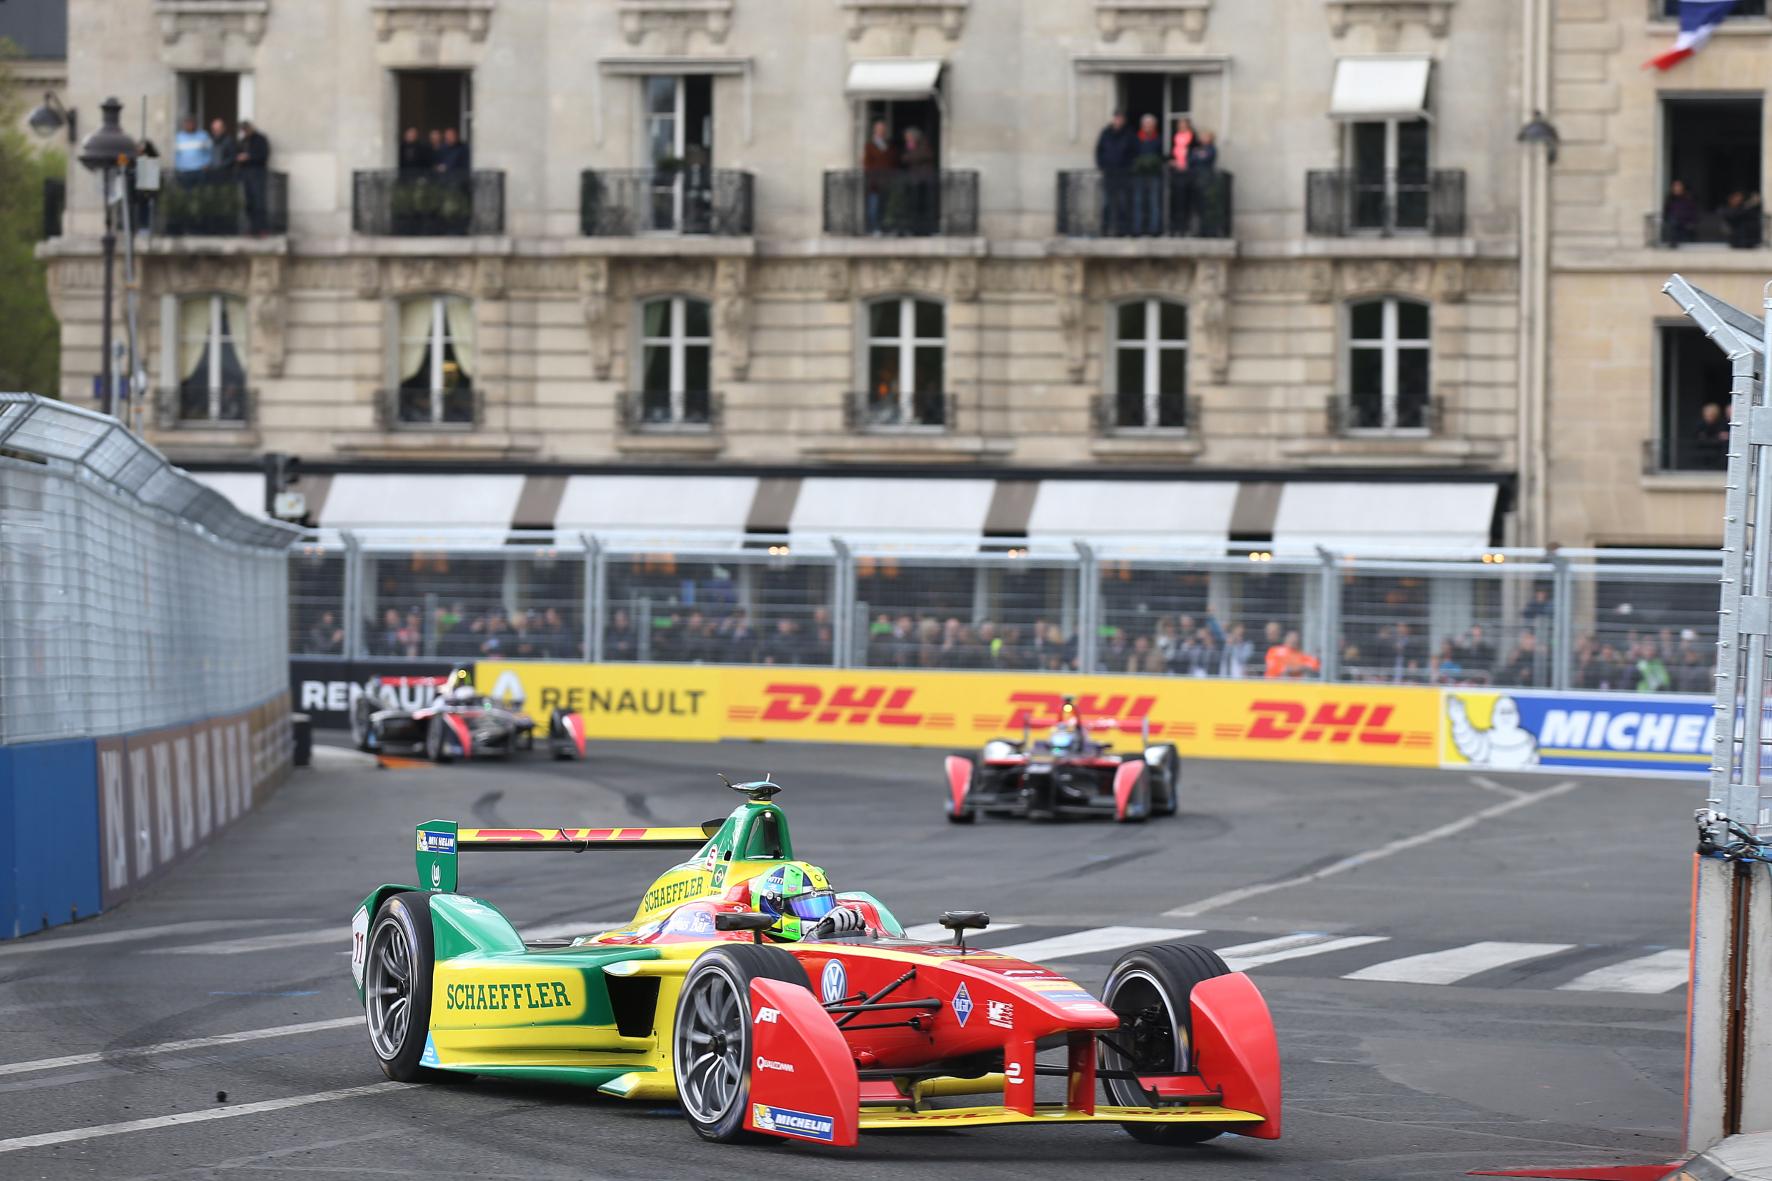 mid Groß-Gerau - Auf Titelkurs: Der Brasilianer Lucas di Grassi führt im Abt-Schaeffler die Fahrer-Wertung der Formel E an.